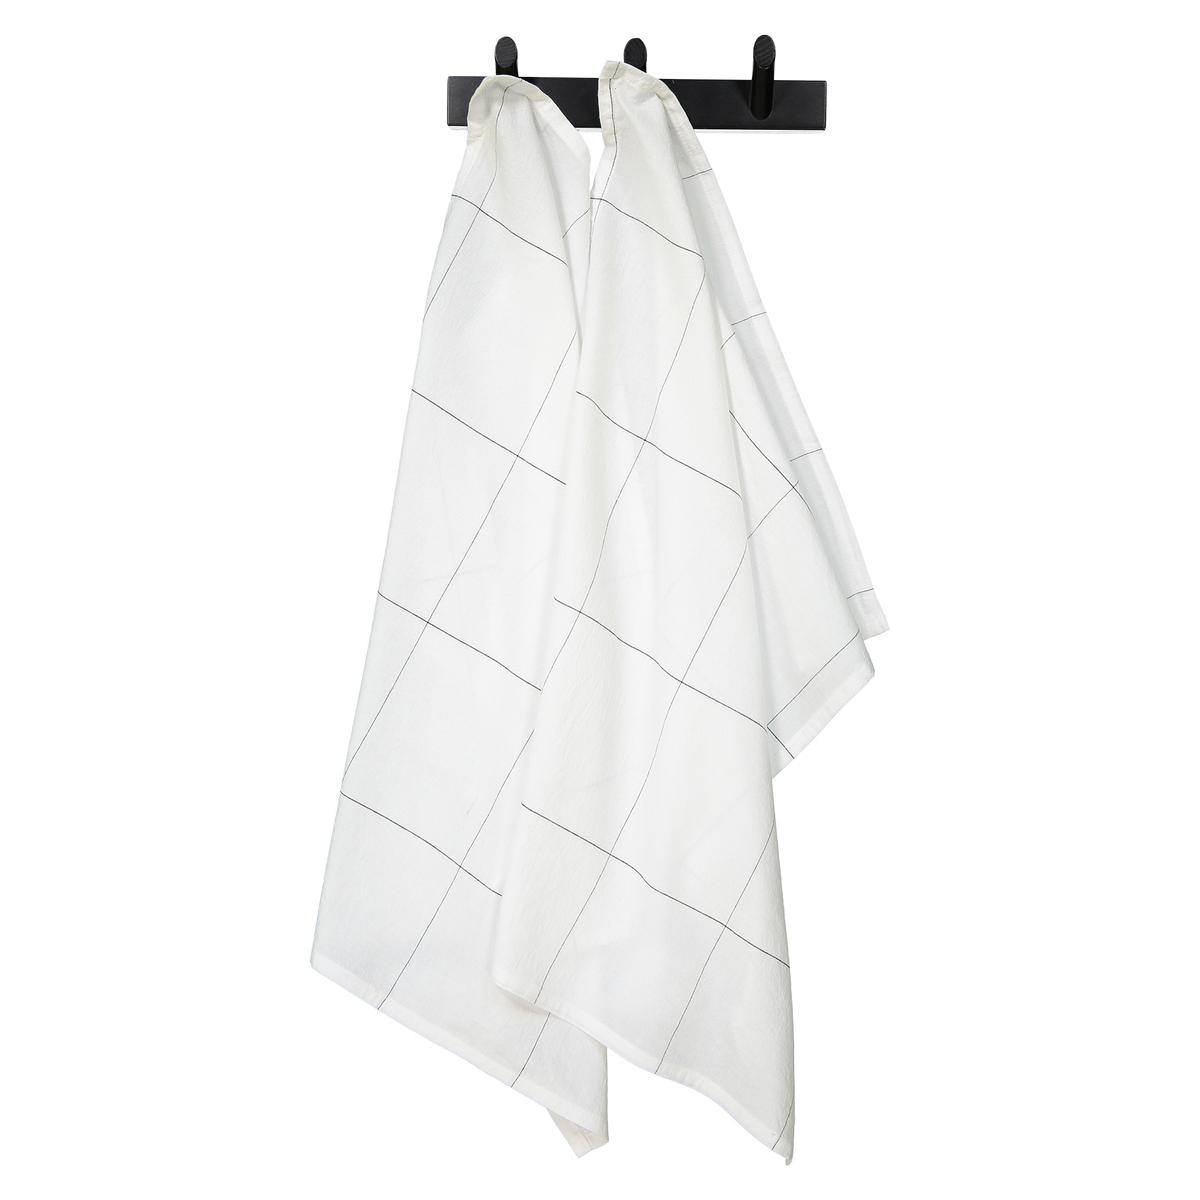 Комплект из 2 кухонных полотенец из хлопка и льна CARREAUX полотенца кухонные la pastel комплект кухонных полотенец gabel 6пр 50x70 primizie